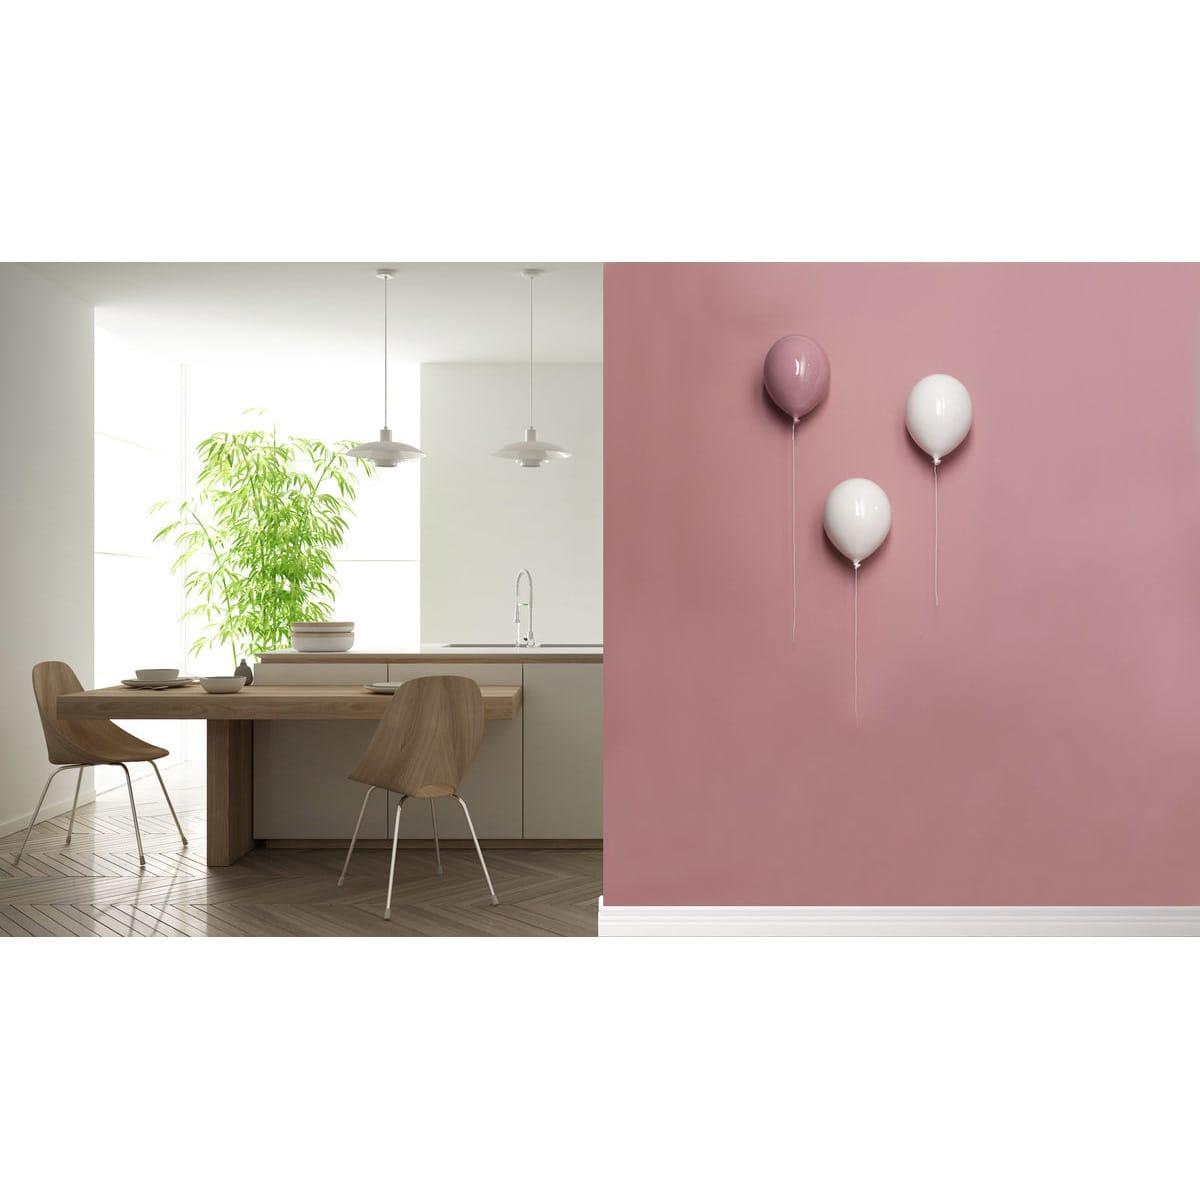 Palloncino decorativo in ceramica Balloon bianco e rosa su parete